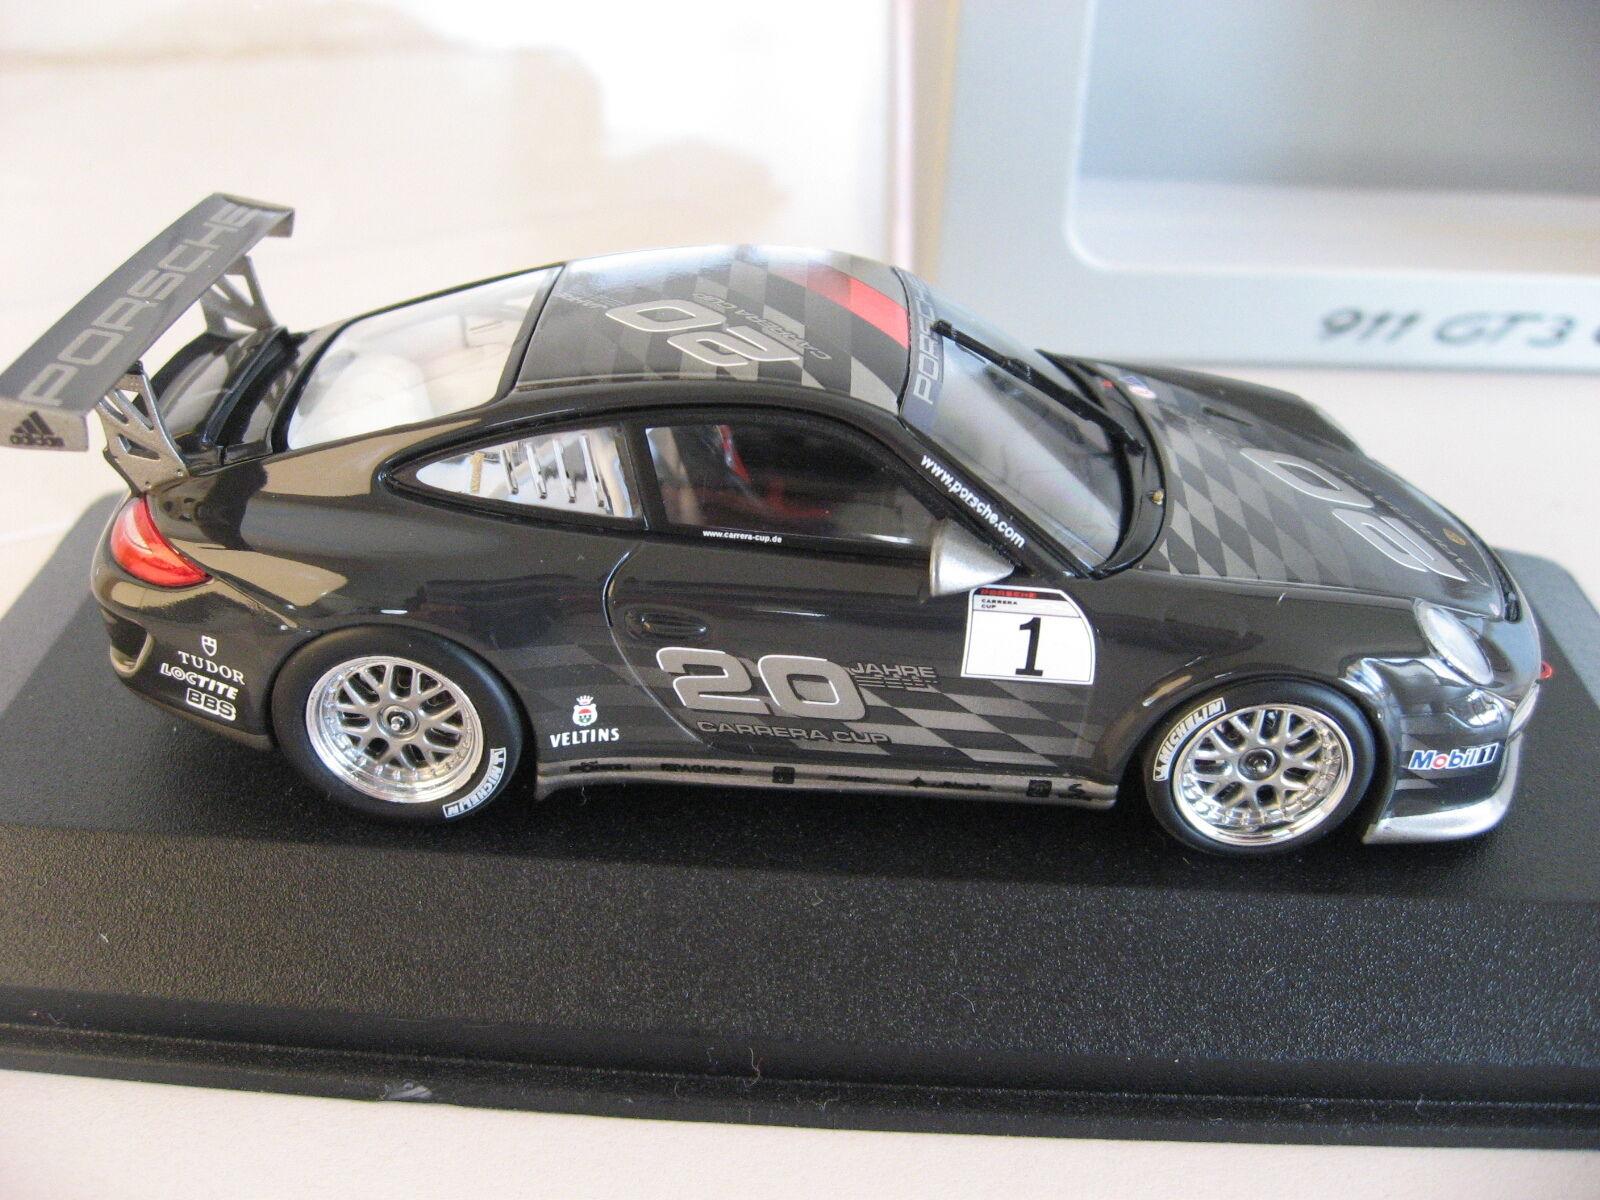 autorizzazione Porsche 997 997 997 911 GT3 Cup 20 Jahre Years autorera Cup Minichamps Presentation auto  miglior reputazione